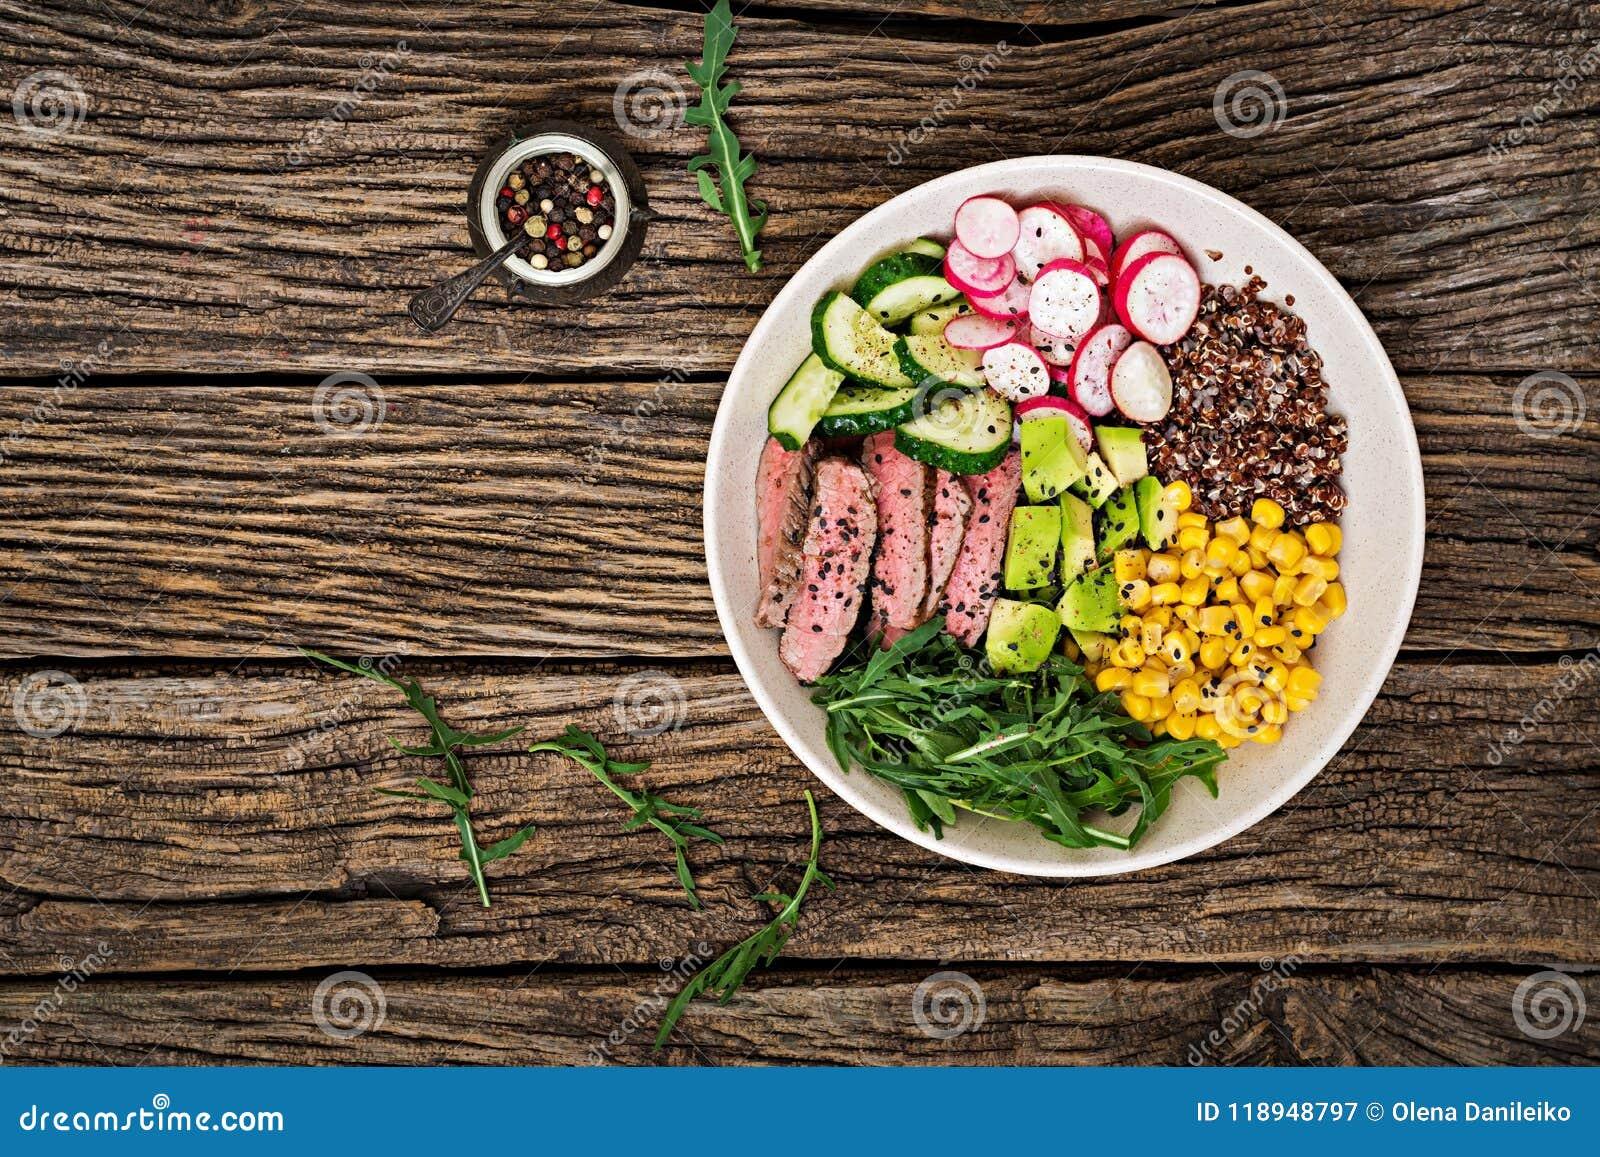 Μεσημεριανό γεύμα κύπελλων του Βούδα με την ψημένα στη σχάρα μπριζόλα βόειου κρέατος και quinoa, καλαμπόκι, αβοκάντο, αγγούρι